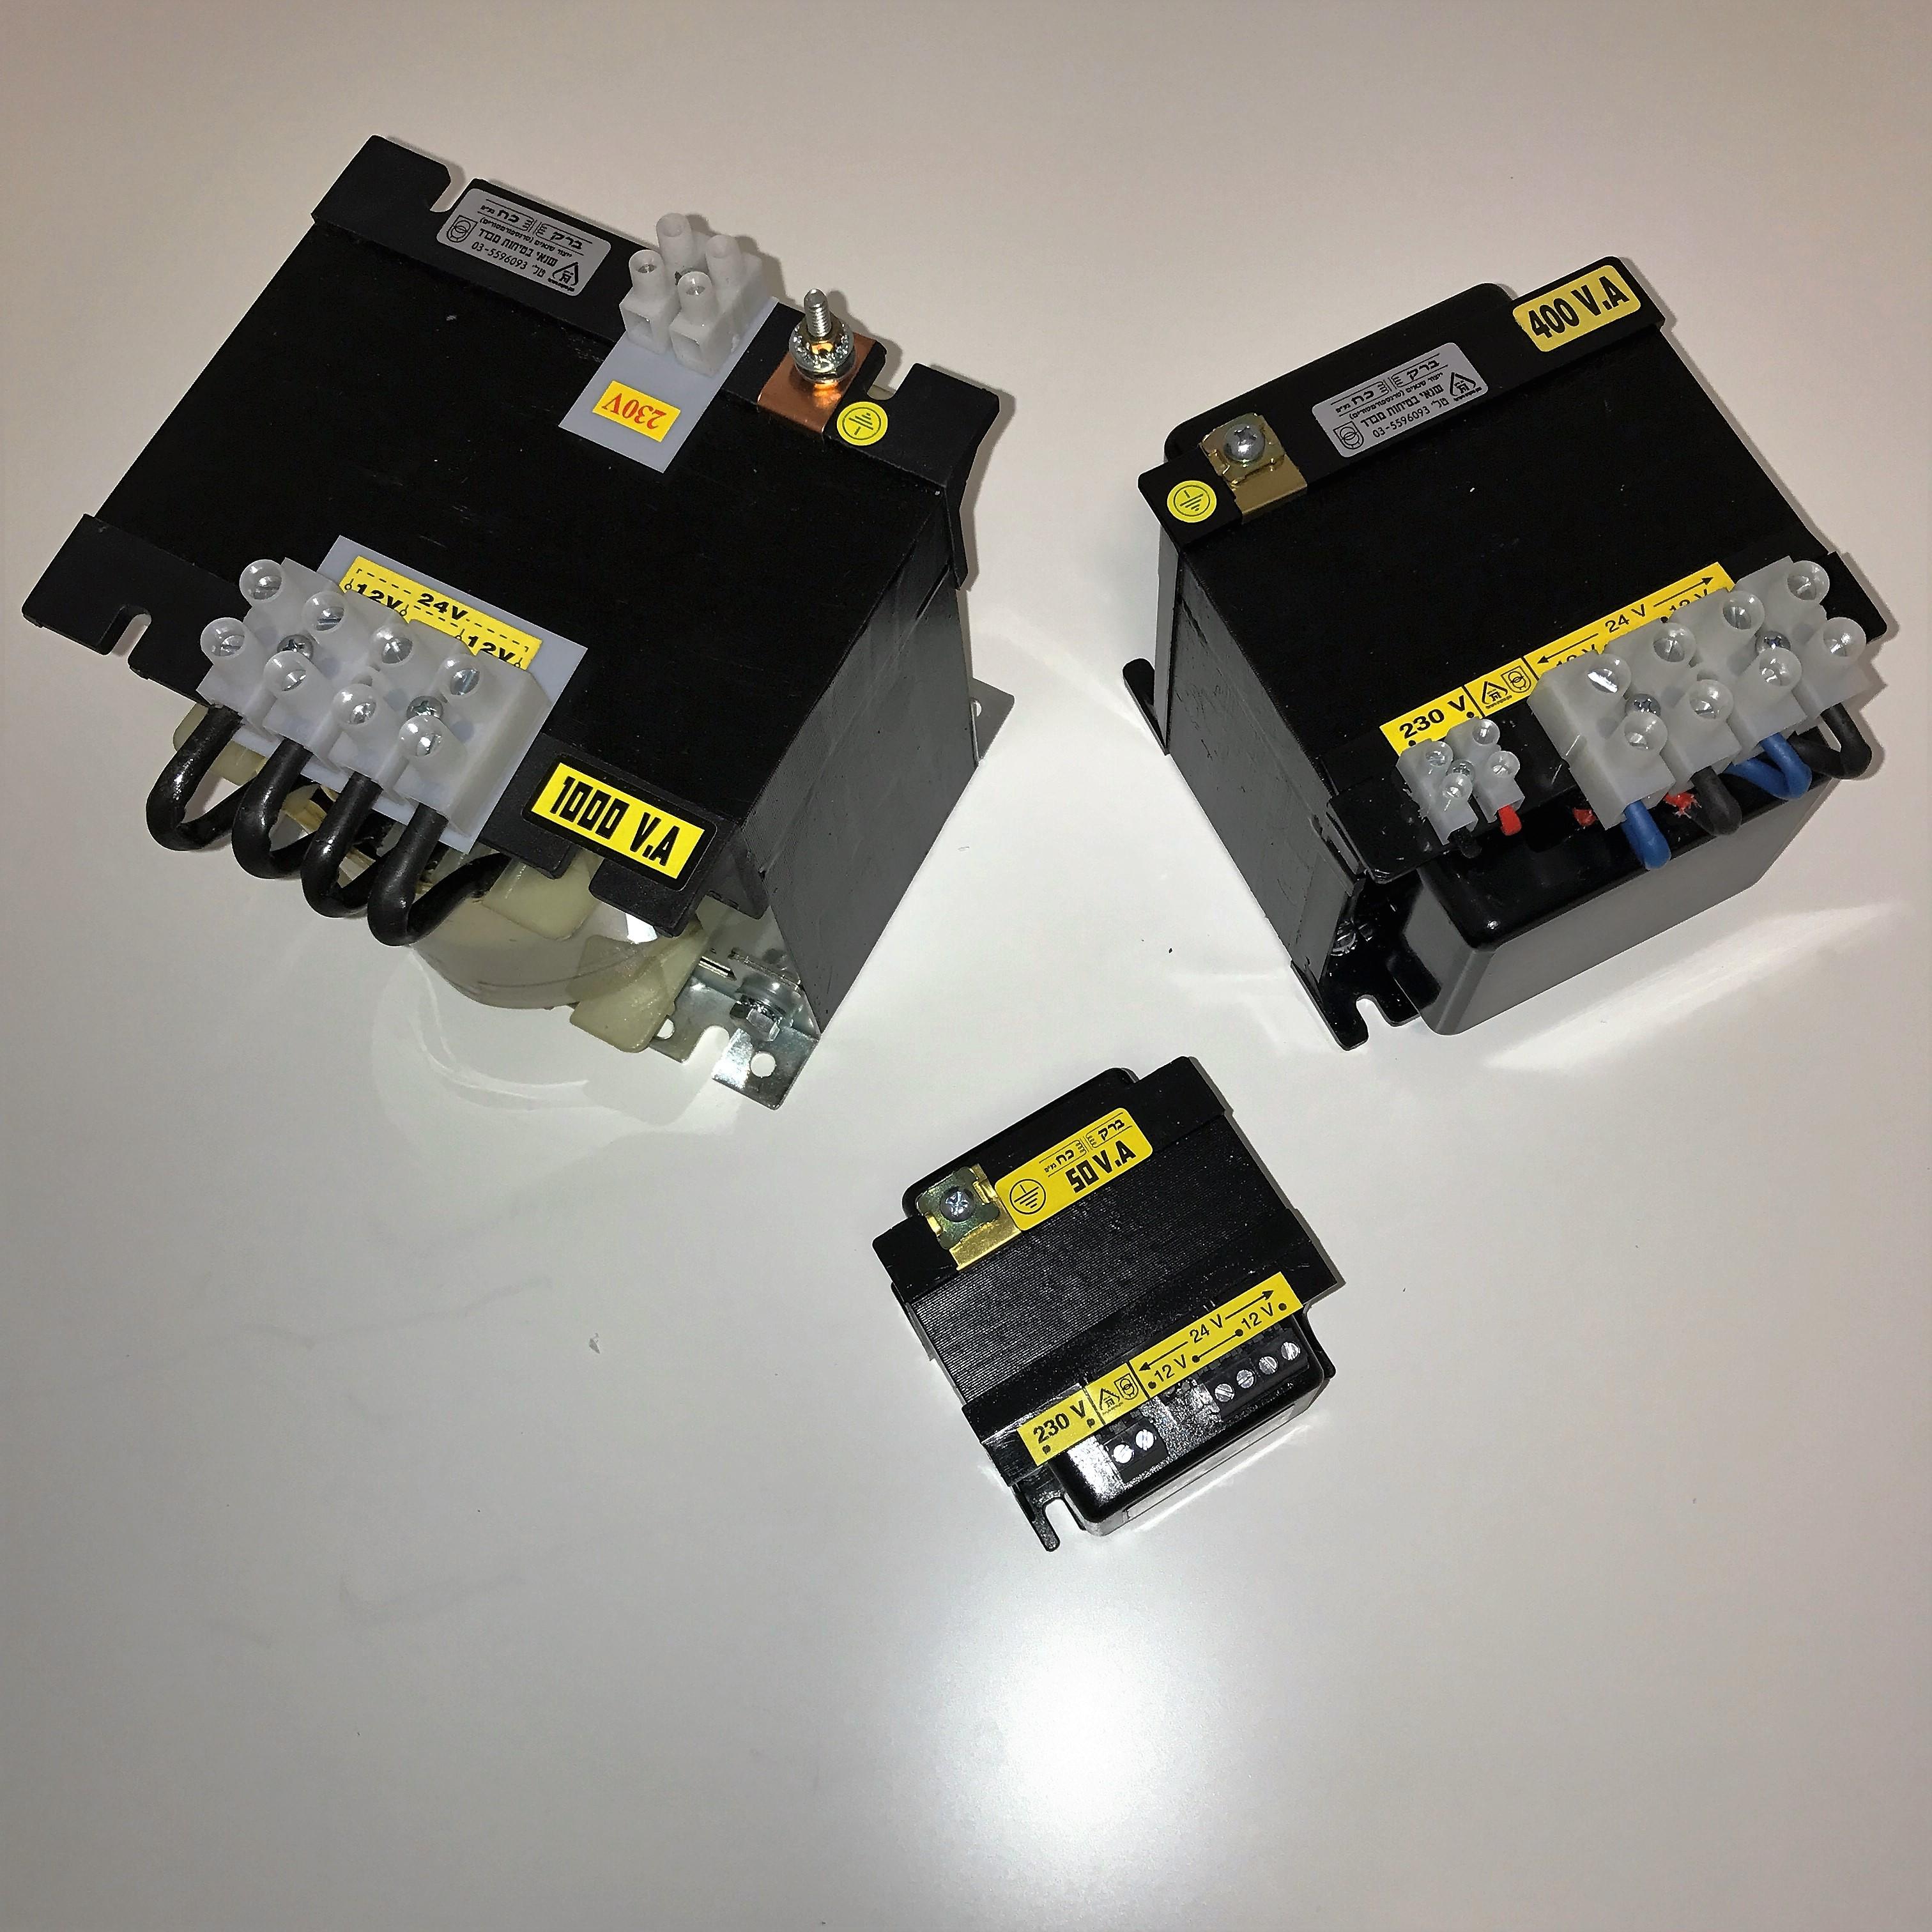 שנאי מבדל בהספק 5000VA במתחים 230V-12V